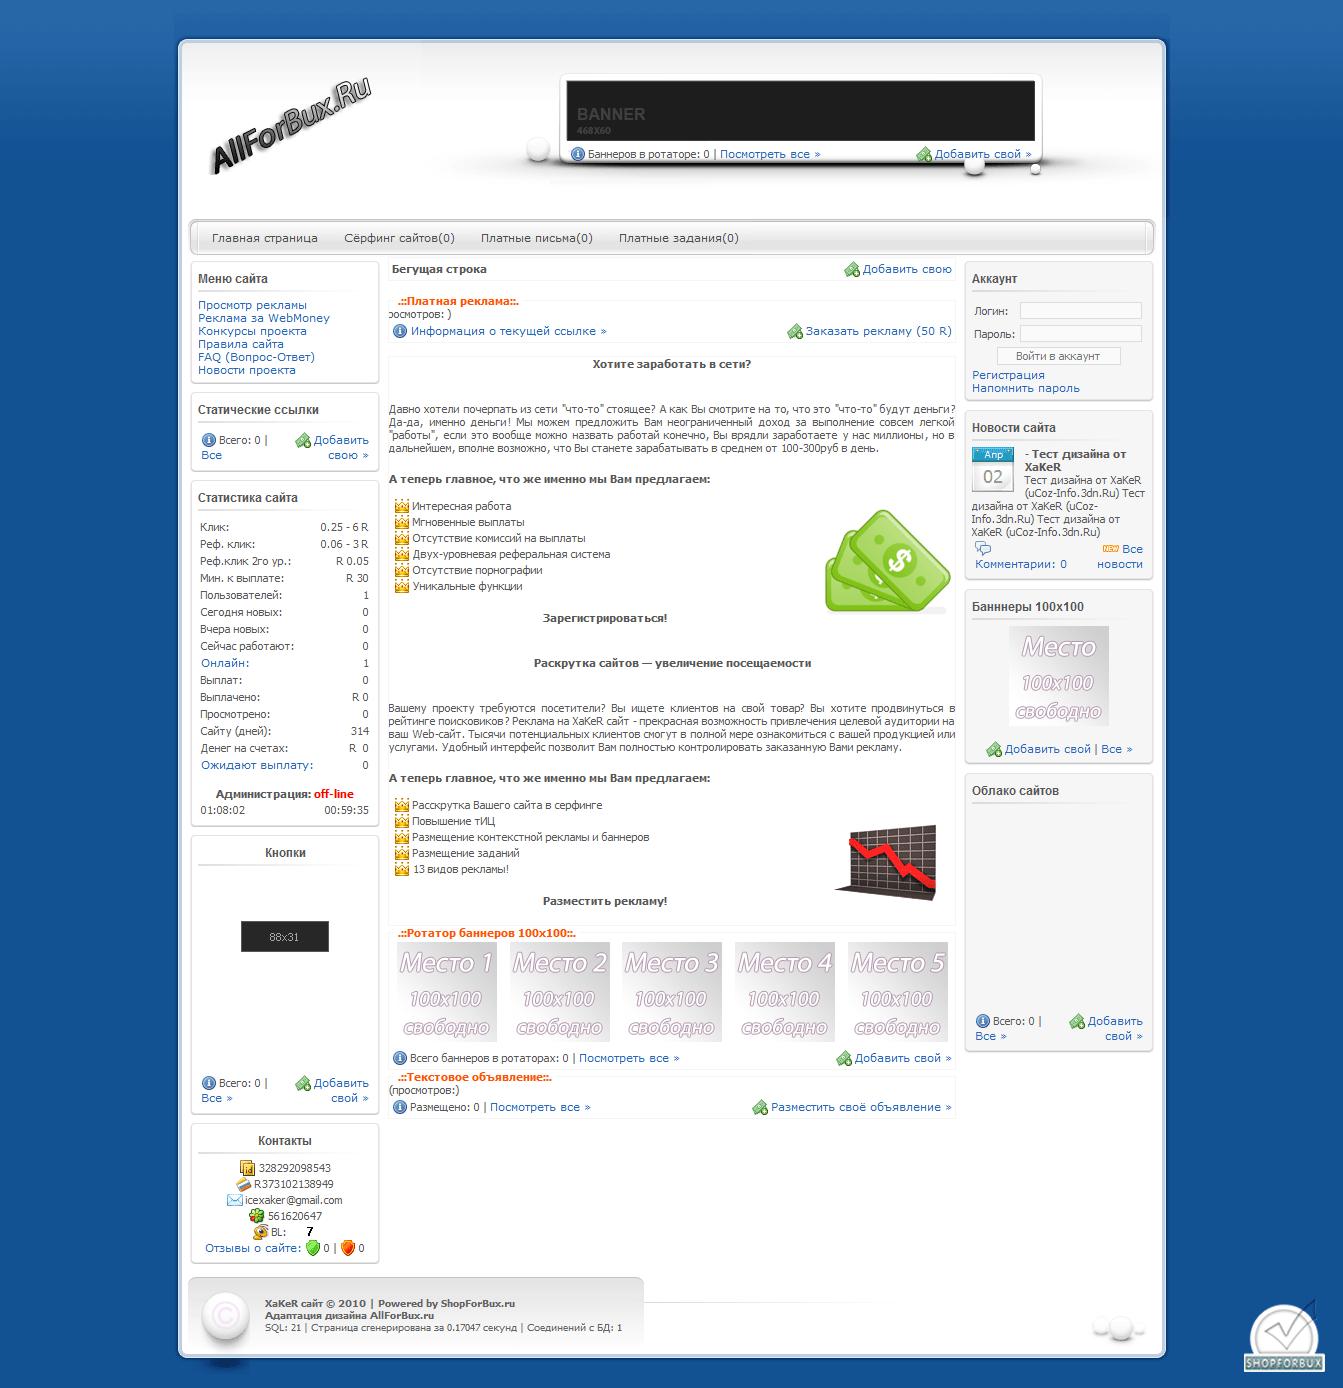 Дизайн в светло-синих тонах для MFS 2.2